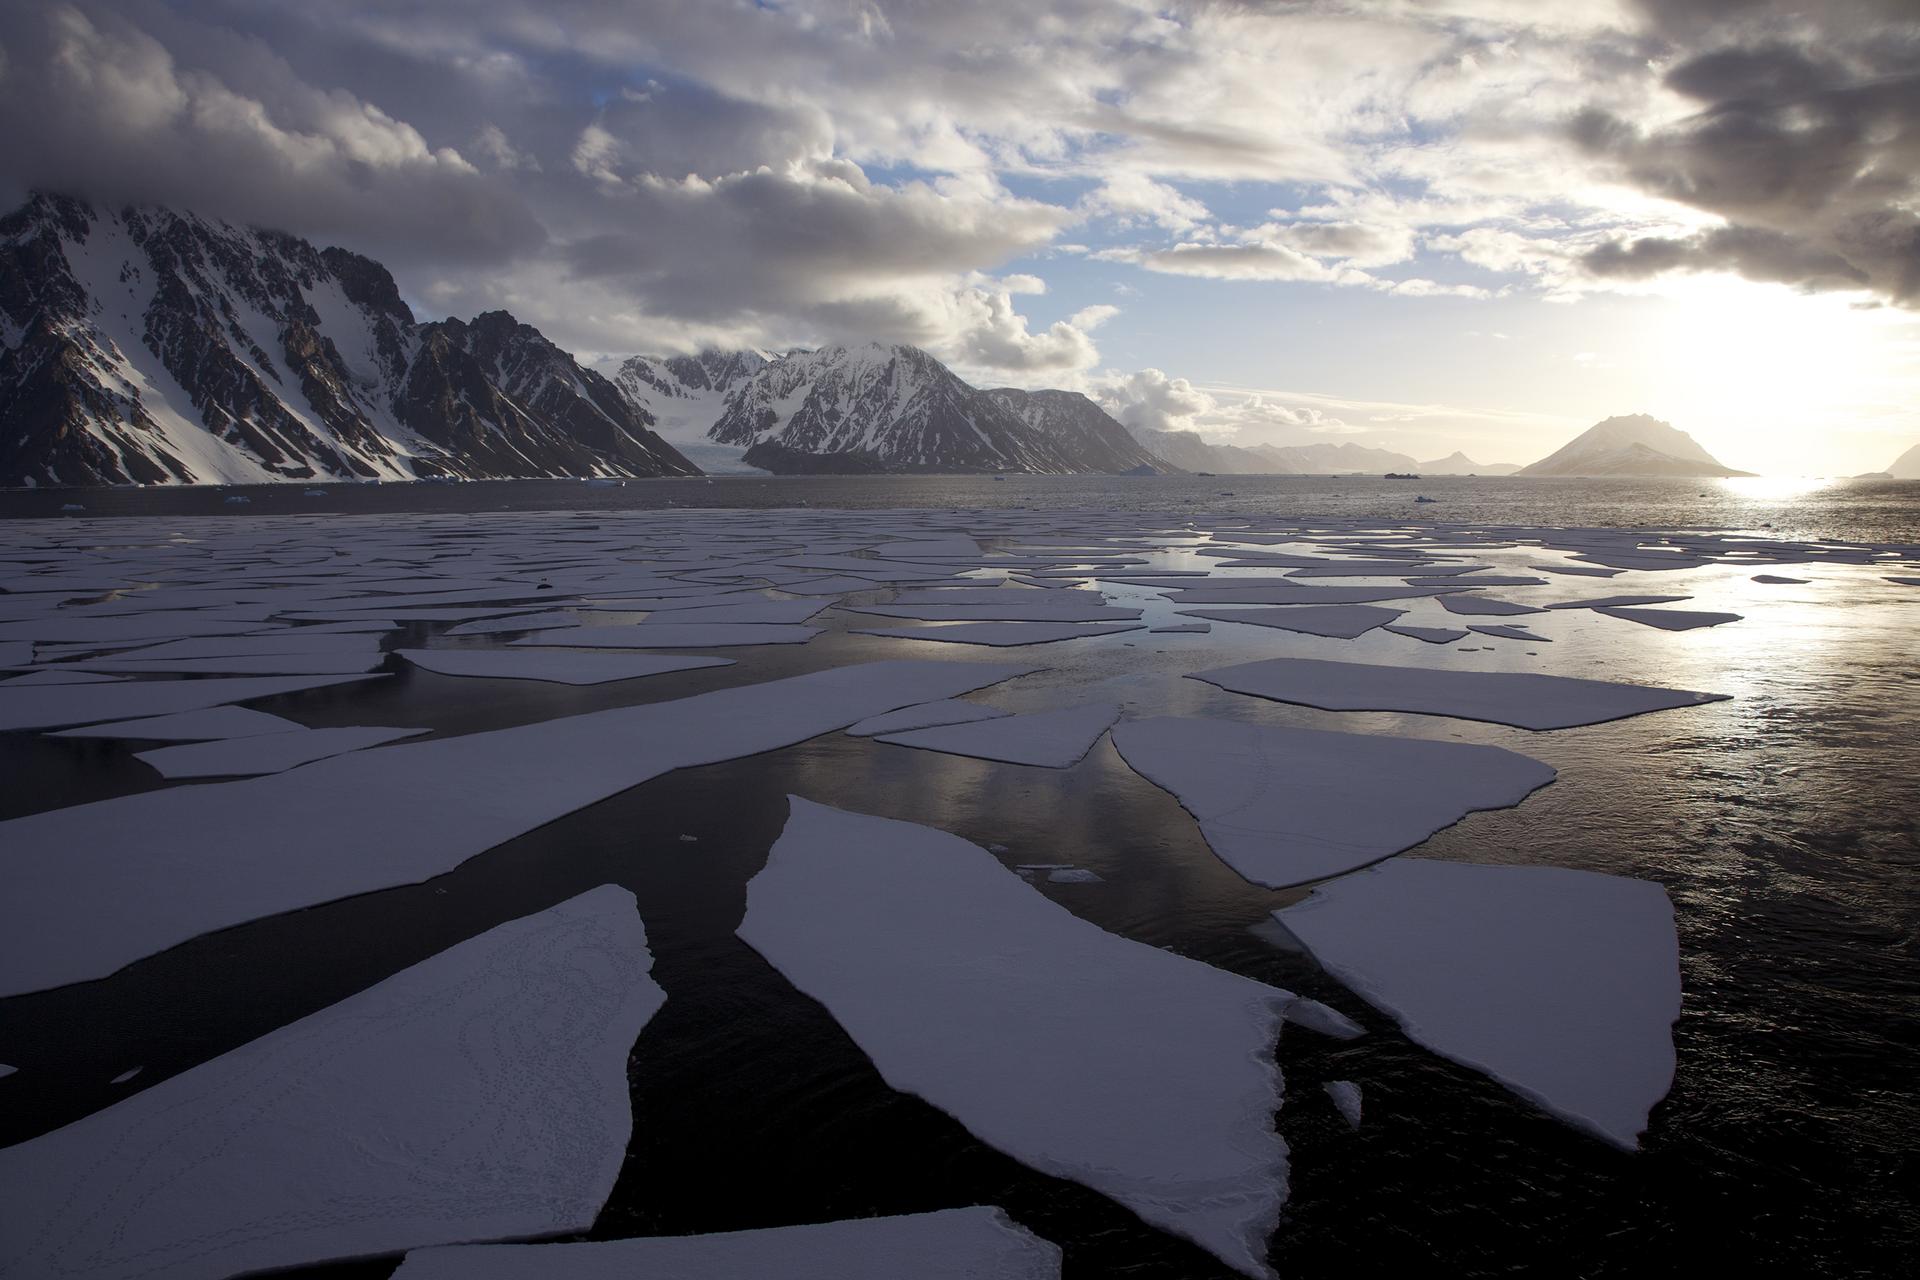 Fotografia prezentuje krajobraz Antarktydy latem. Na pierwszym planie widoczna kra pływająca po morzu. Wtle góry pokryte częściowo śniegiem, nad nimi kłębiaste chmury oraz słońce nad horyzontem.